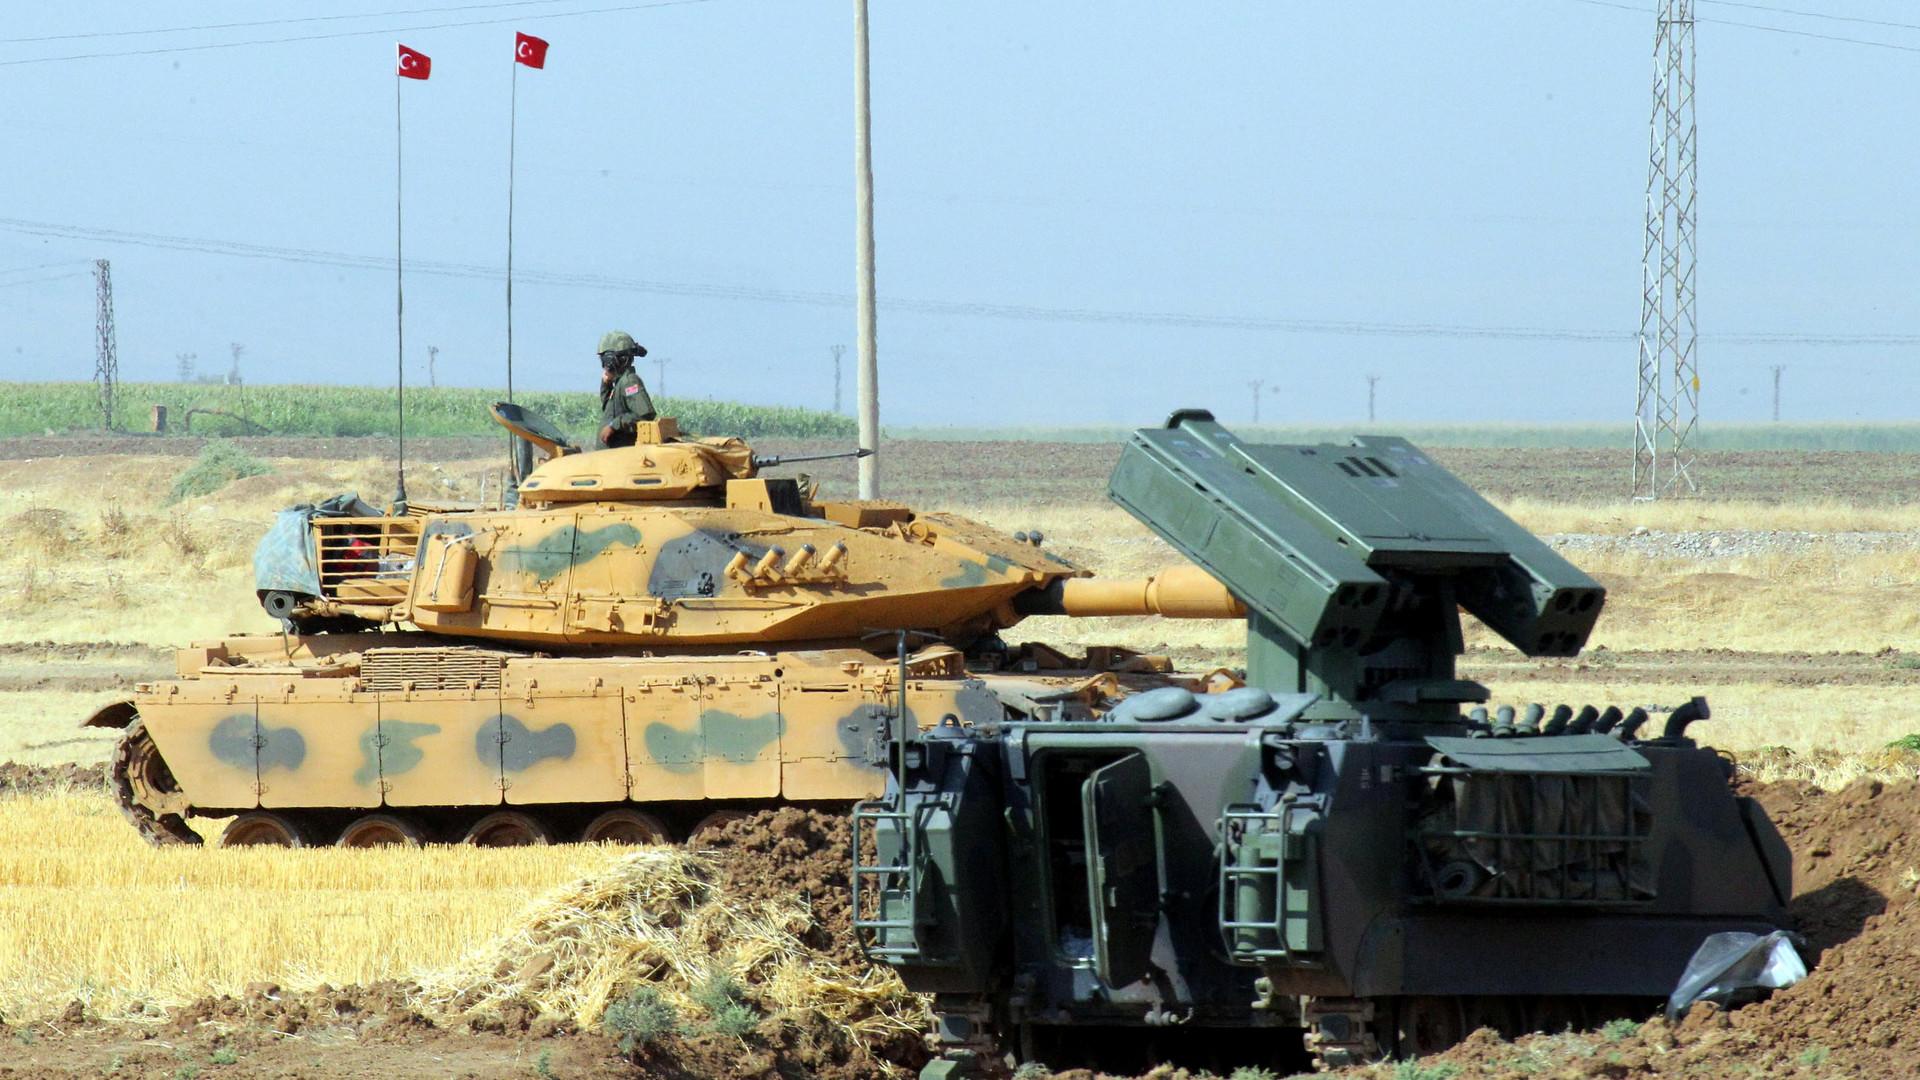 Второй фронт: зачем Турция вводит дополнительные силы в Сирию